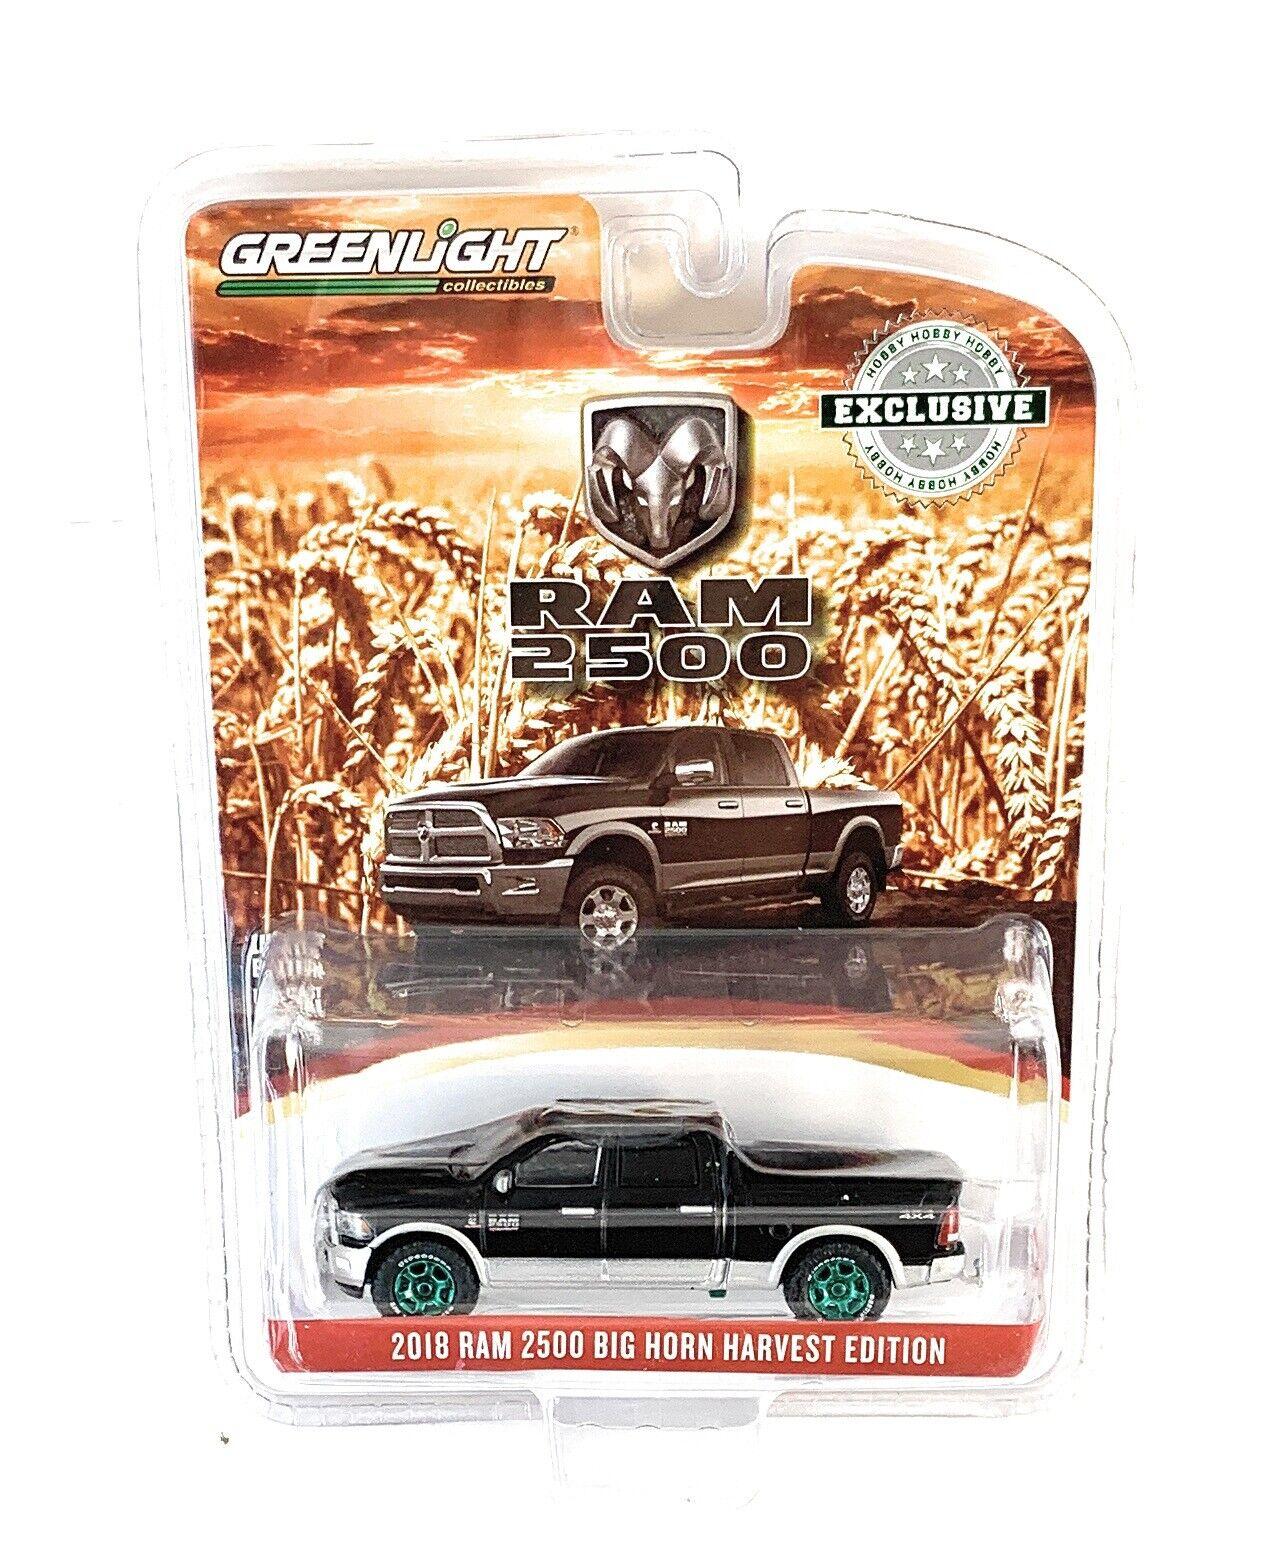 2018 Dodge RAM 2500 Big Horn  Harvest Edition White ** Greenlight Hobby 1:64 OVP